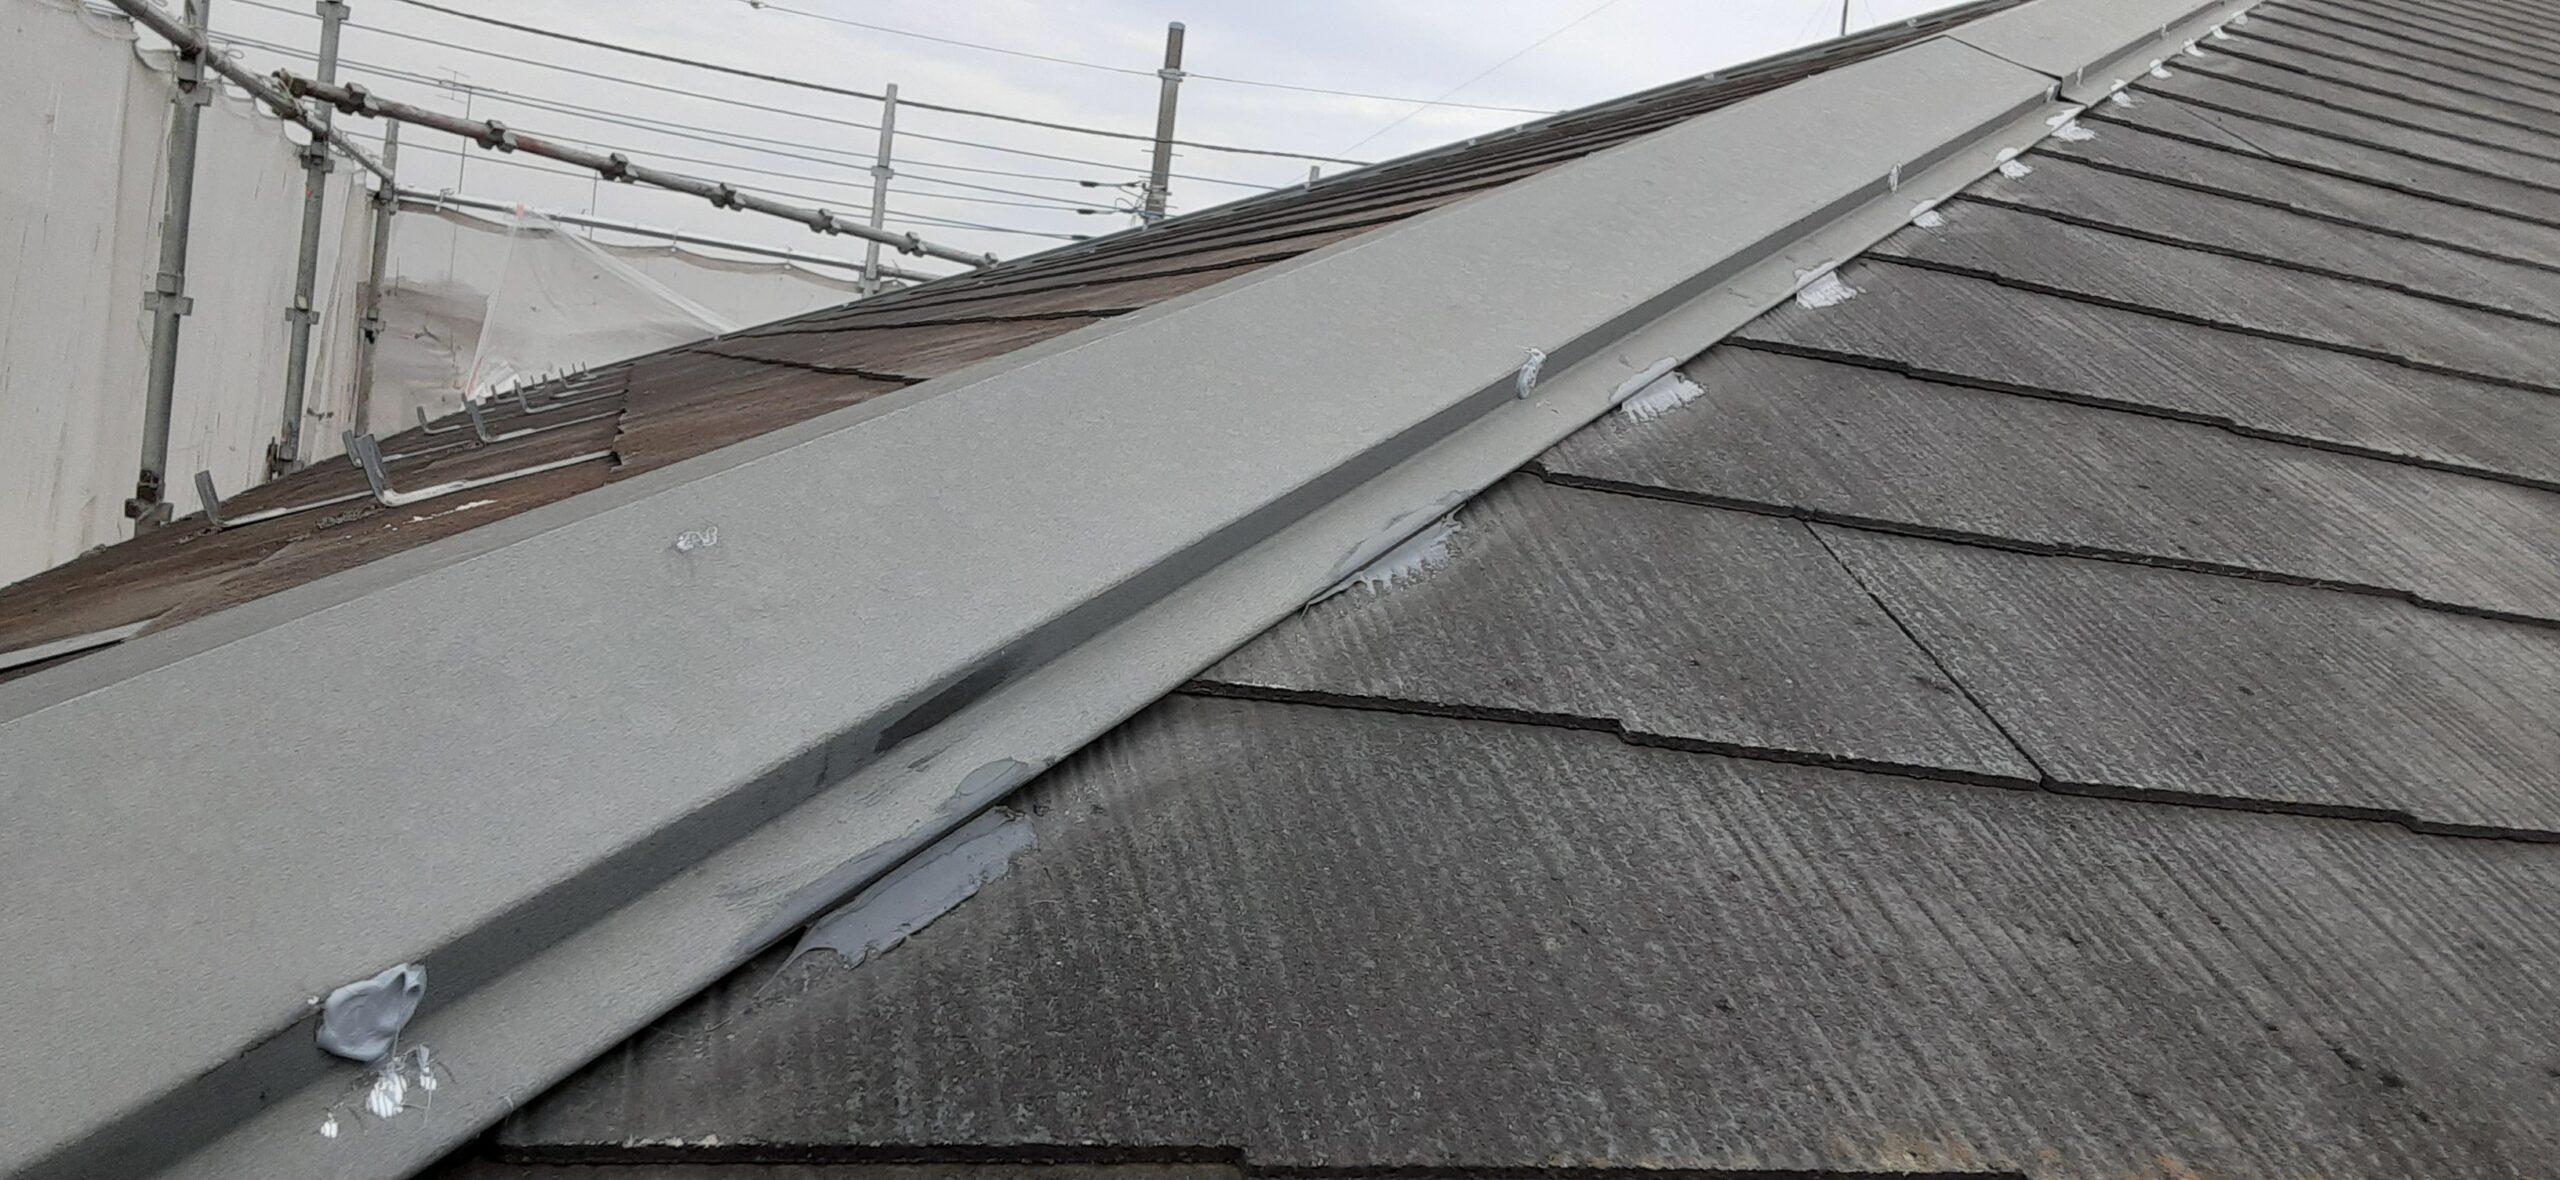 埼玉県さいたま市 屋根のコーキング、コーキングの撤去/さいたま市岩槻区の(木造2階建て)M様邸にて塗り替えリホーム